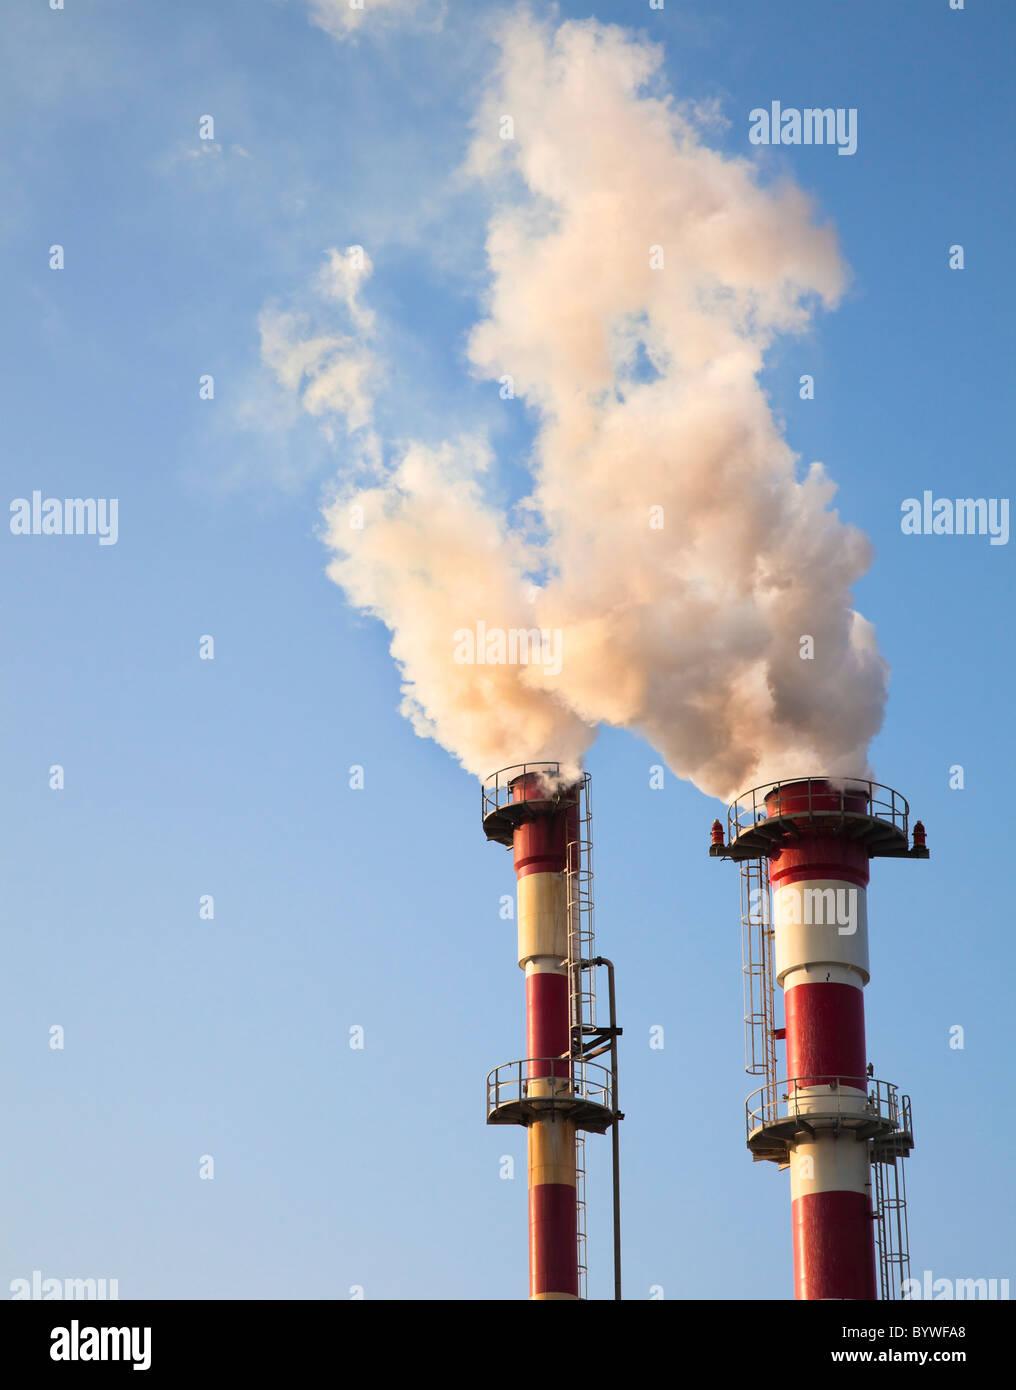 Luftverschmutzung - Rauch aus der Chemiefabrik, die Verschmutzung der Luft Stockbild